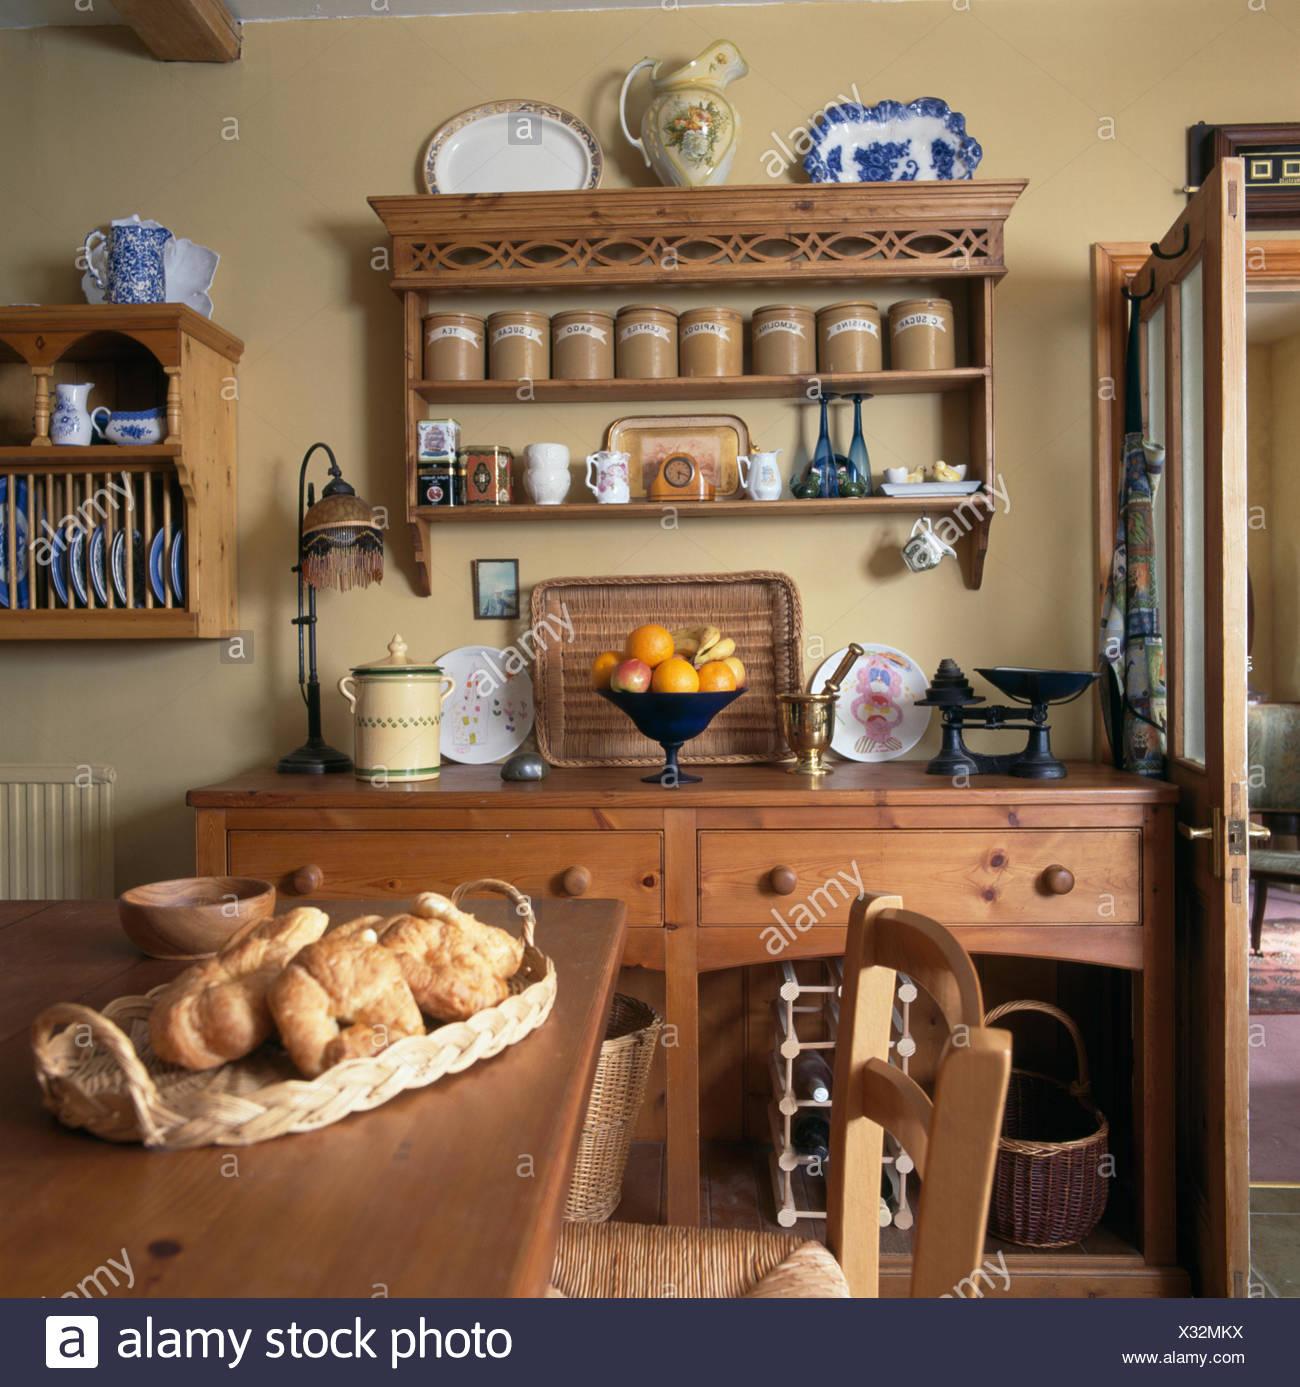 Korb Mit Croissants Auf Tisch In Ein Cottage Kuche Esszimmer Mit